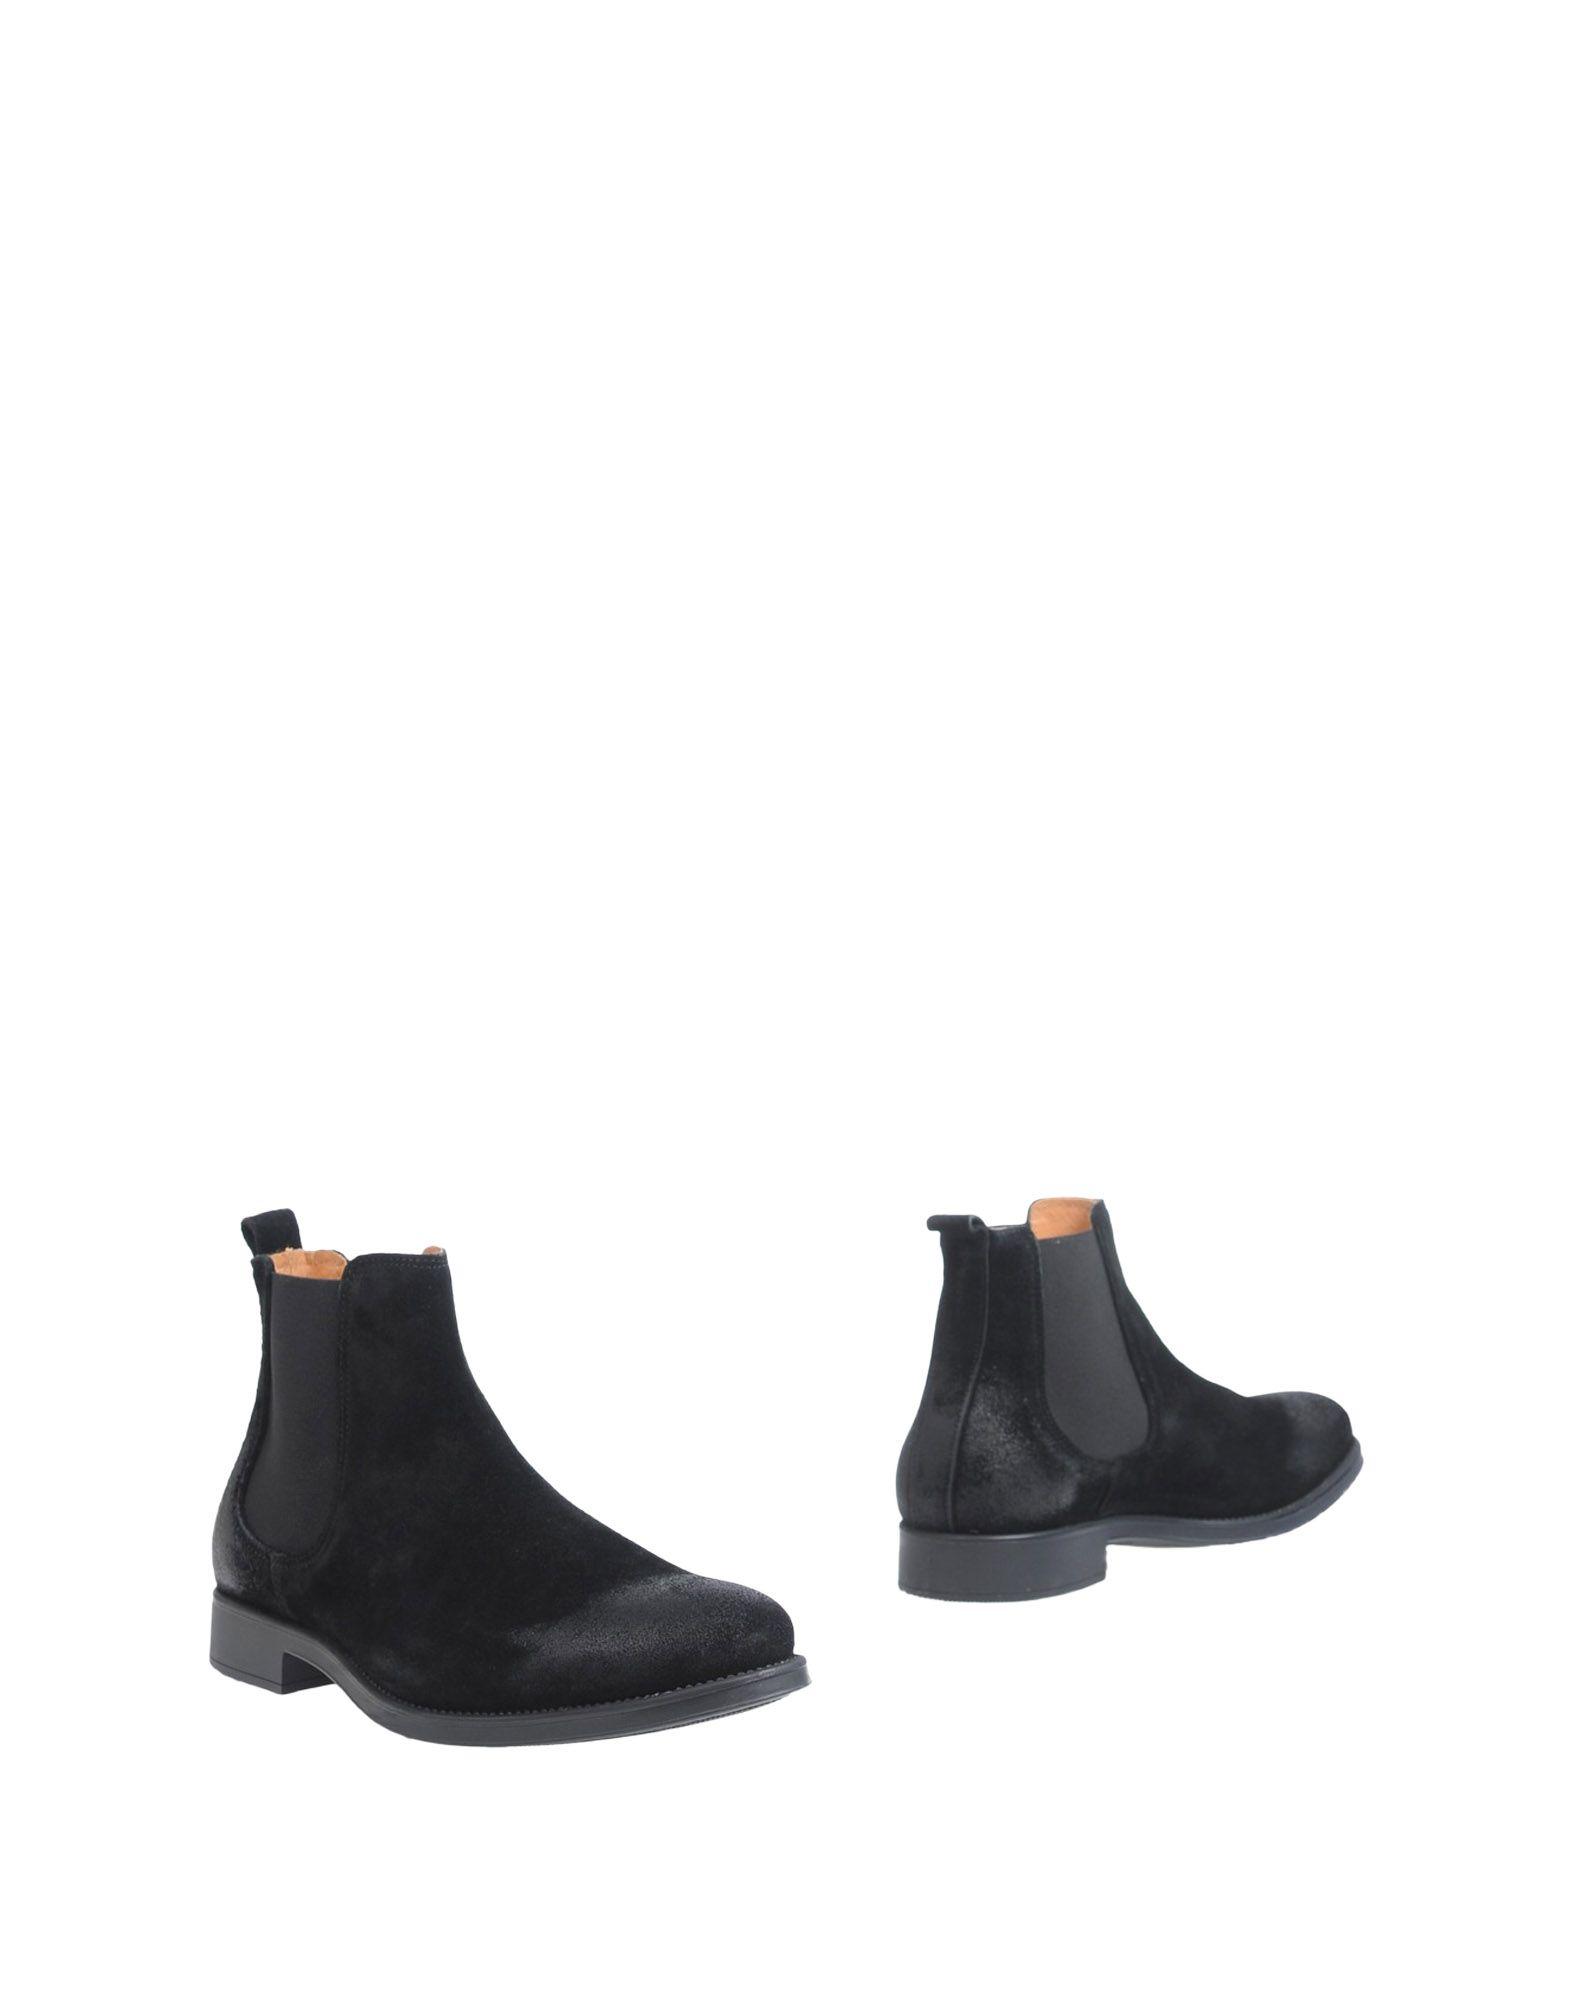 Rabatt echte Schuhe Selected Homme Stiefelette Herren  11354757XA